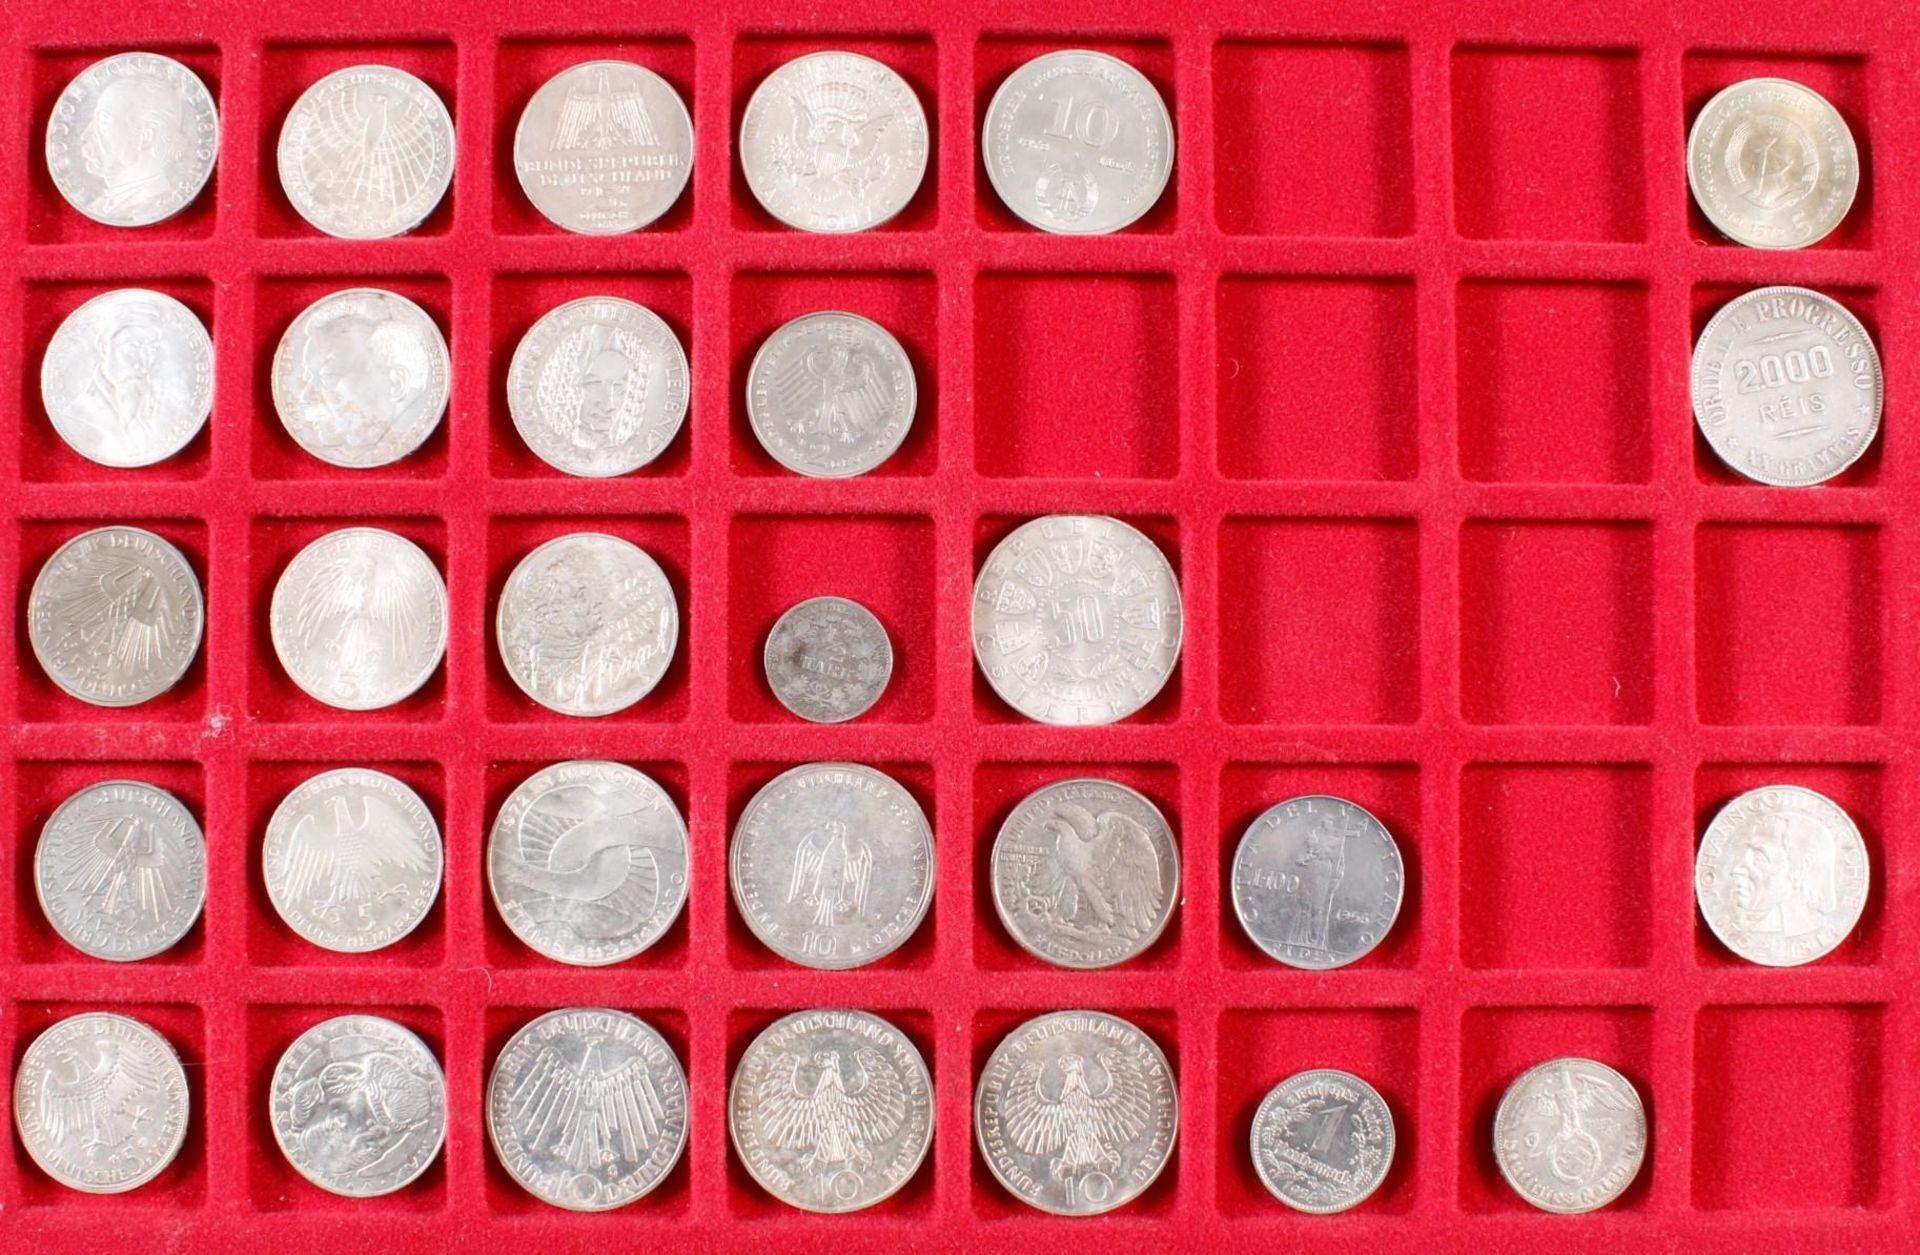 Münz- und Medaillensammlung - Bild 2 aus 8